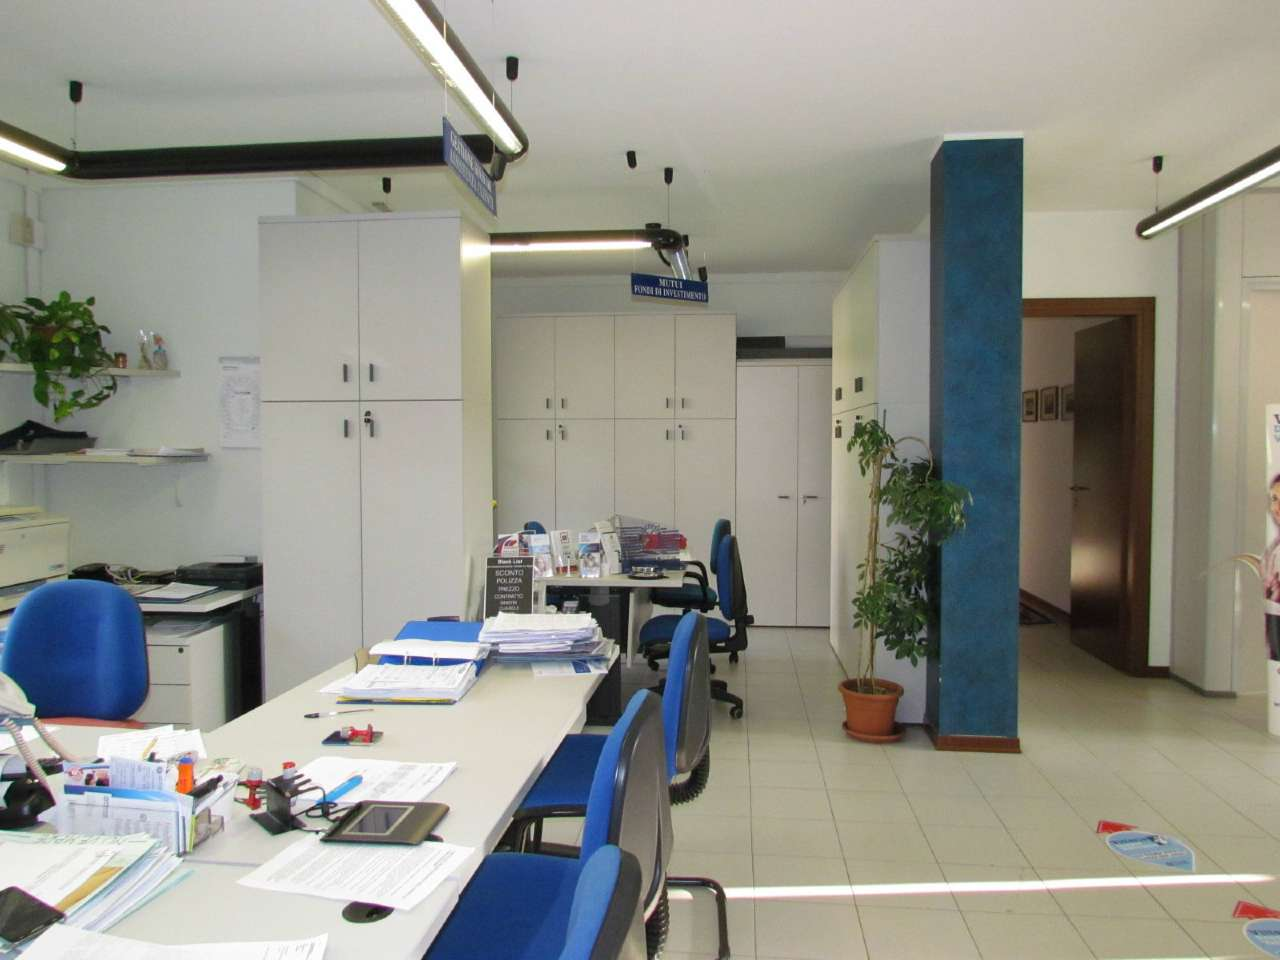 Ufficio / Studio in affitto a Tradate, 4 locali, prezzo € 1.084 | CambioCasa.it